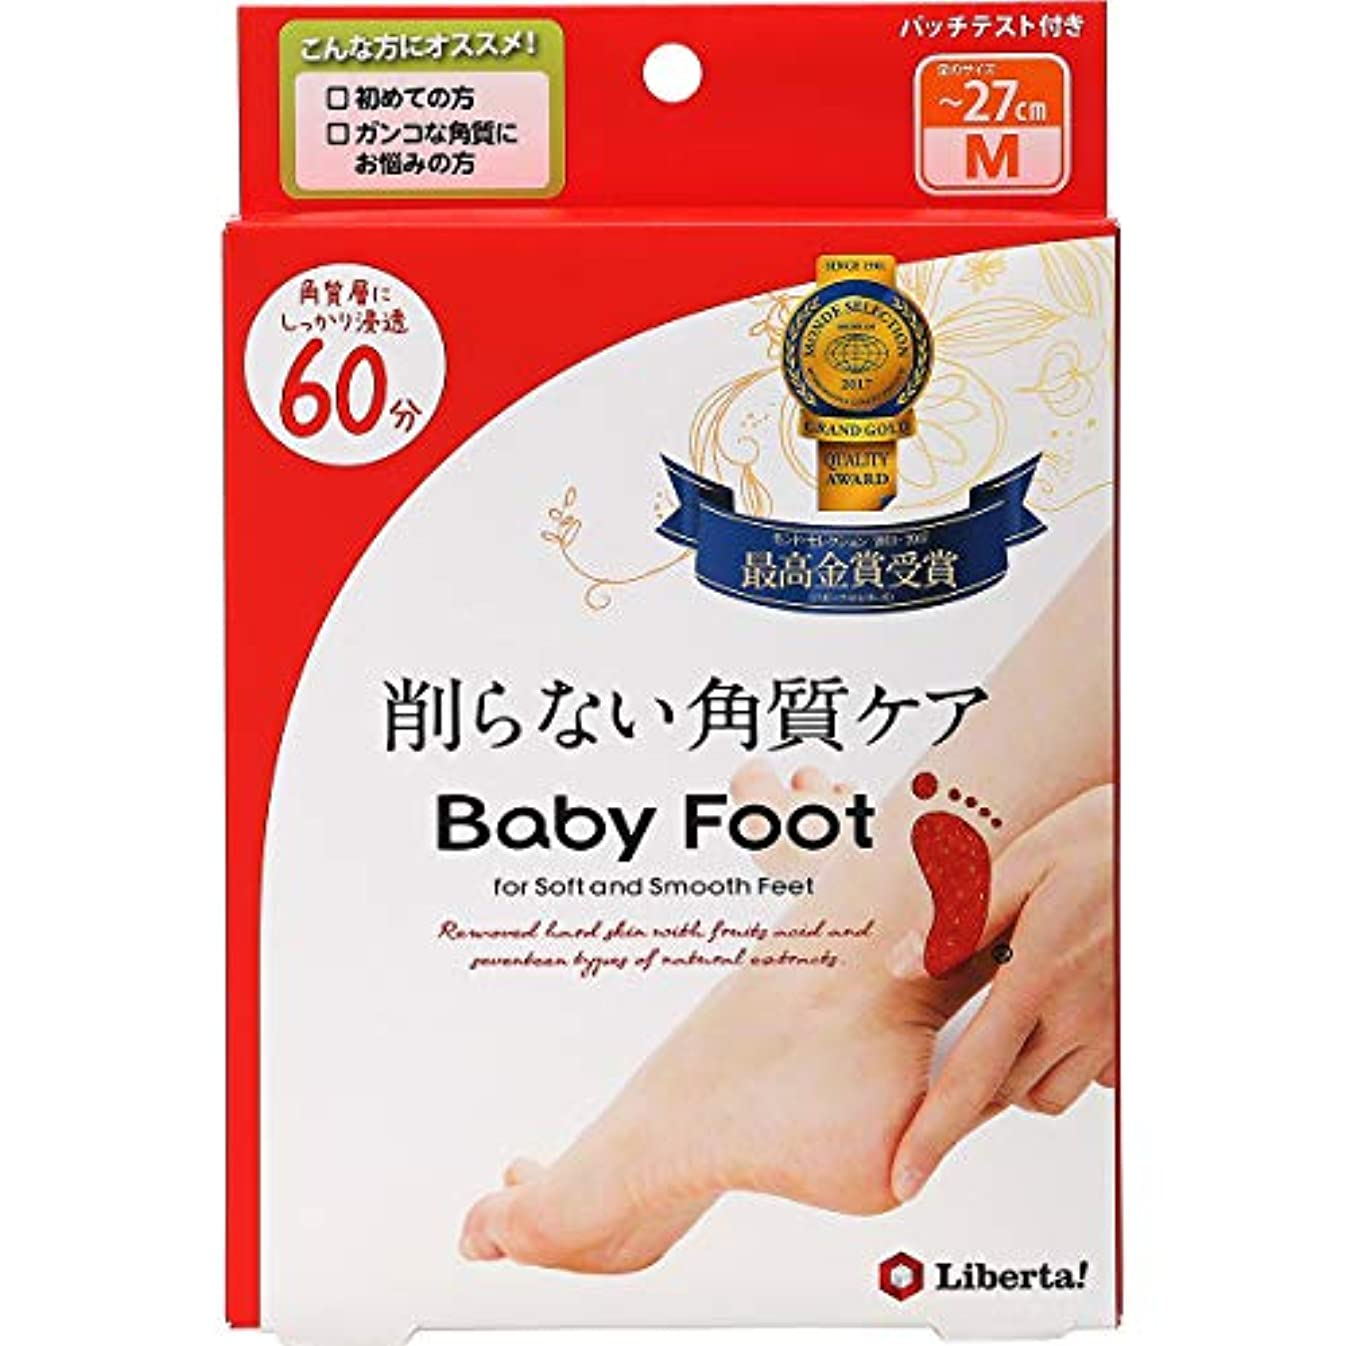 直立または精度ベビーフット (Baby Foot) ベビーフット イージーパック SPT60分タイプ Mサイズ 単品